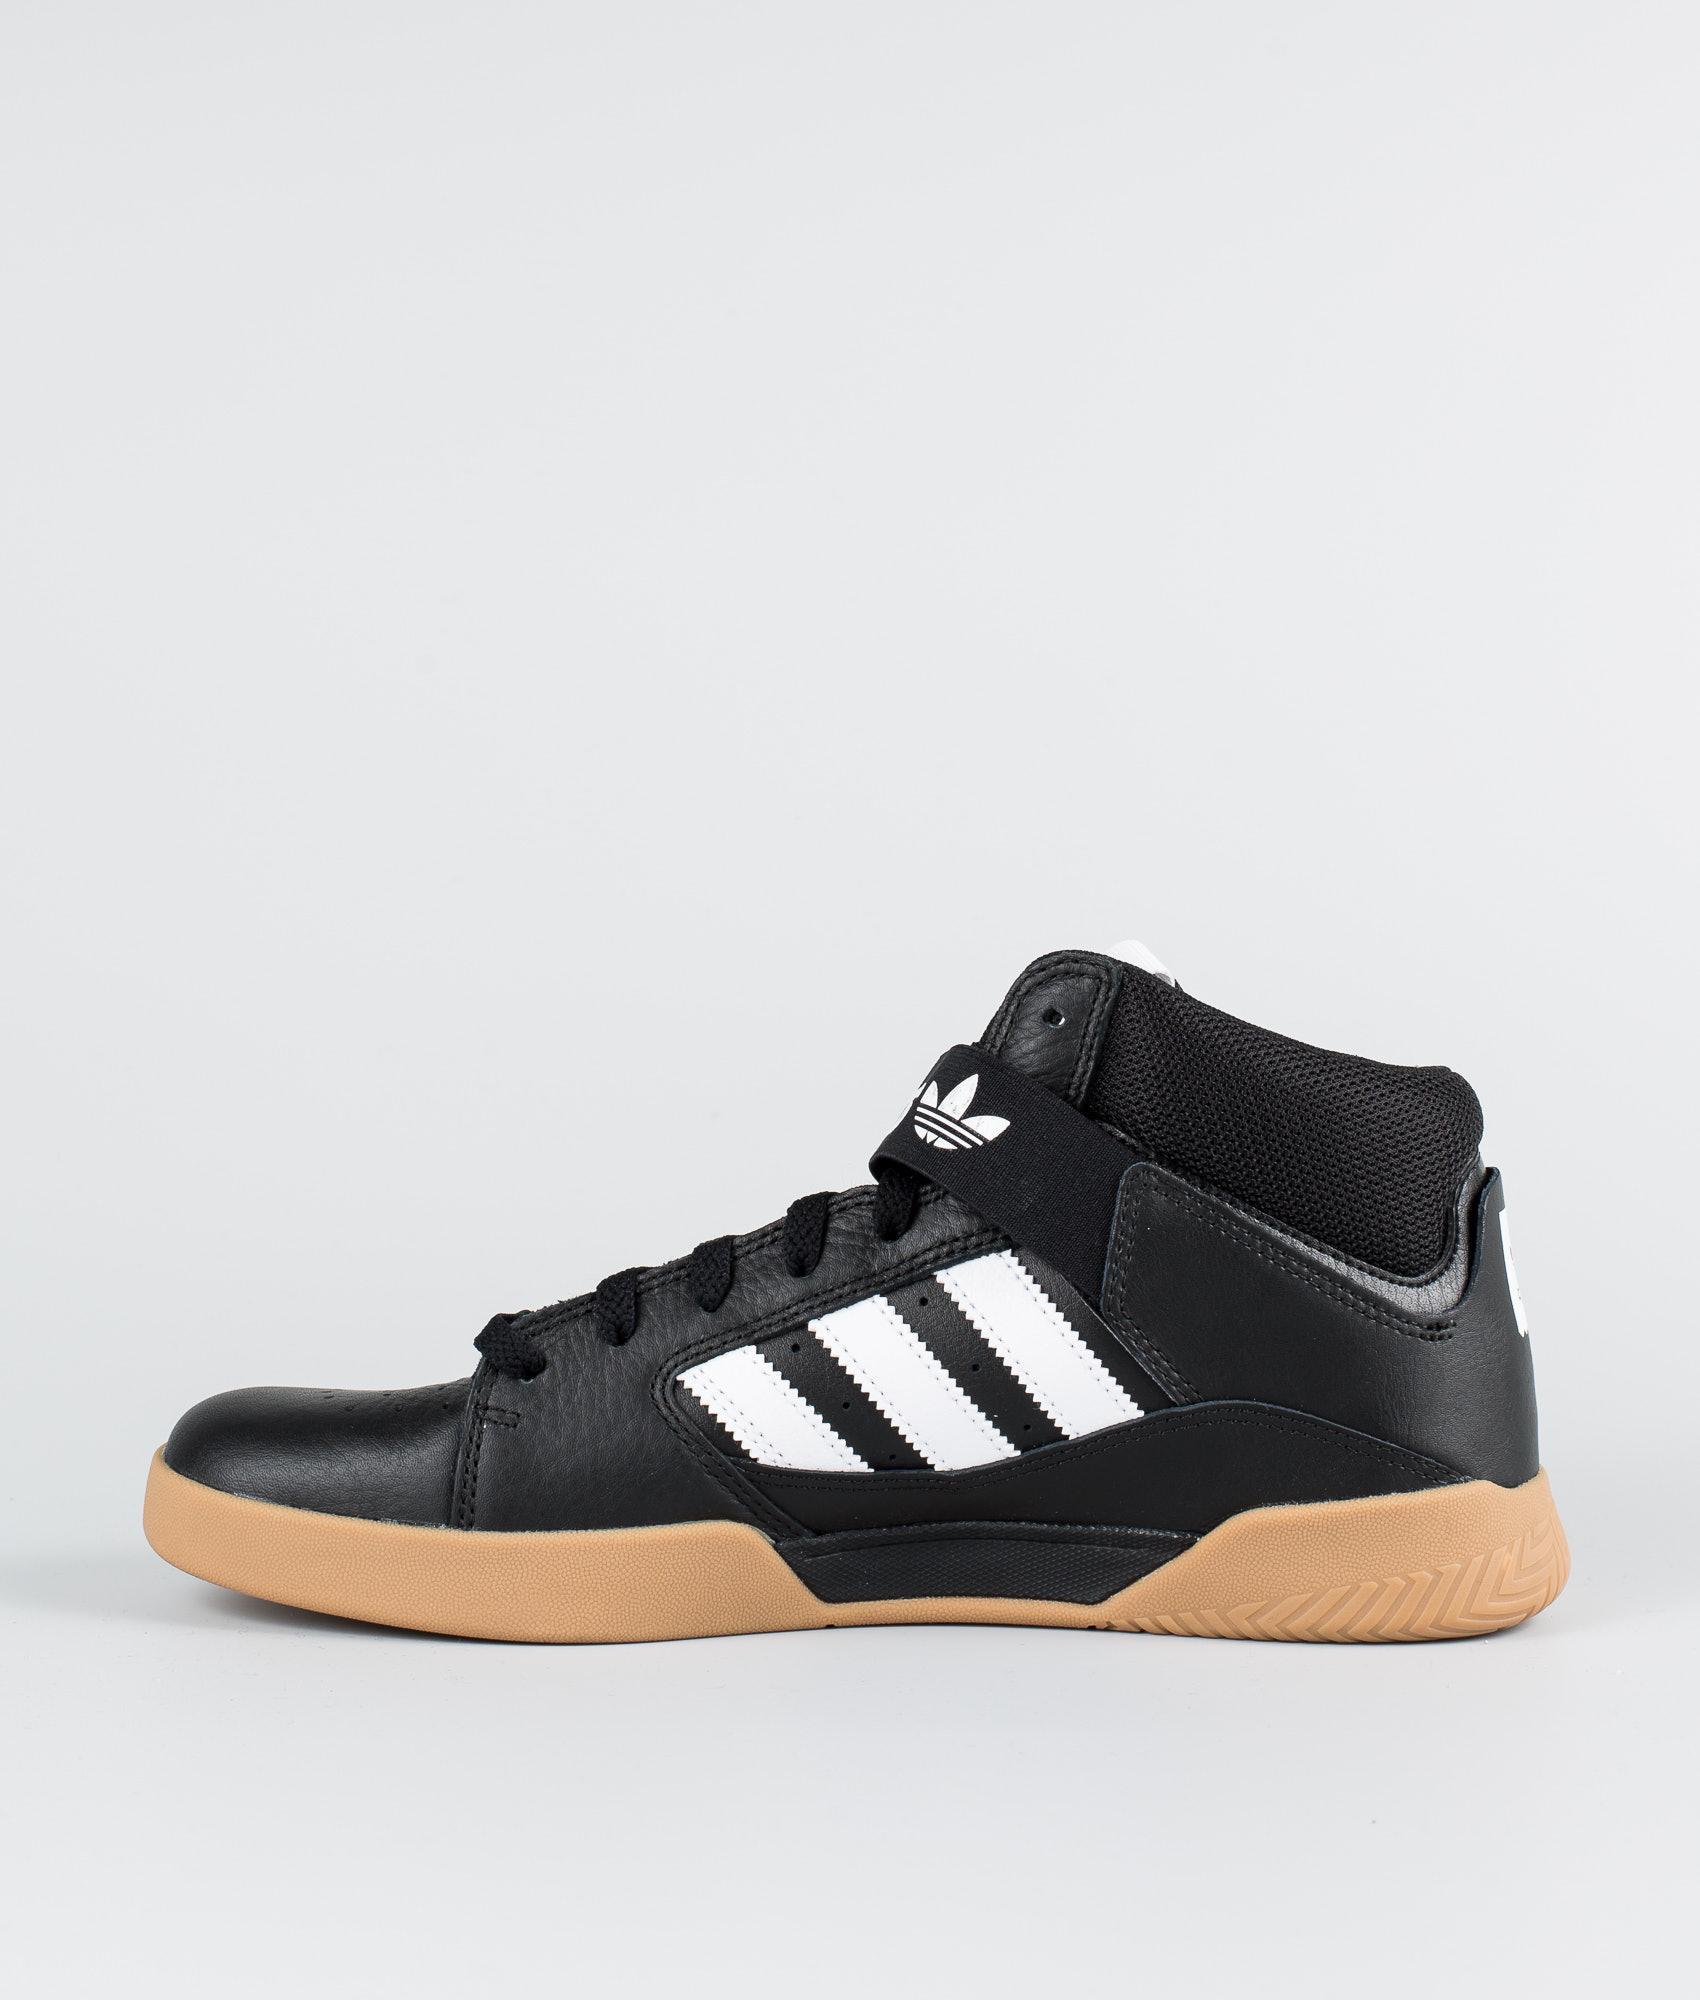 95adb2b6619f Adidas Skateboarding Vrx Mid Shoes Core Black Ftwr White Gum4 ...